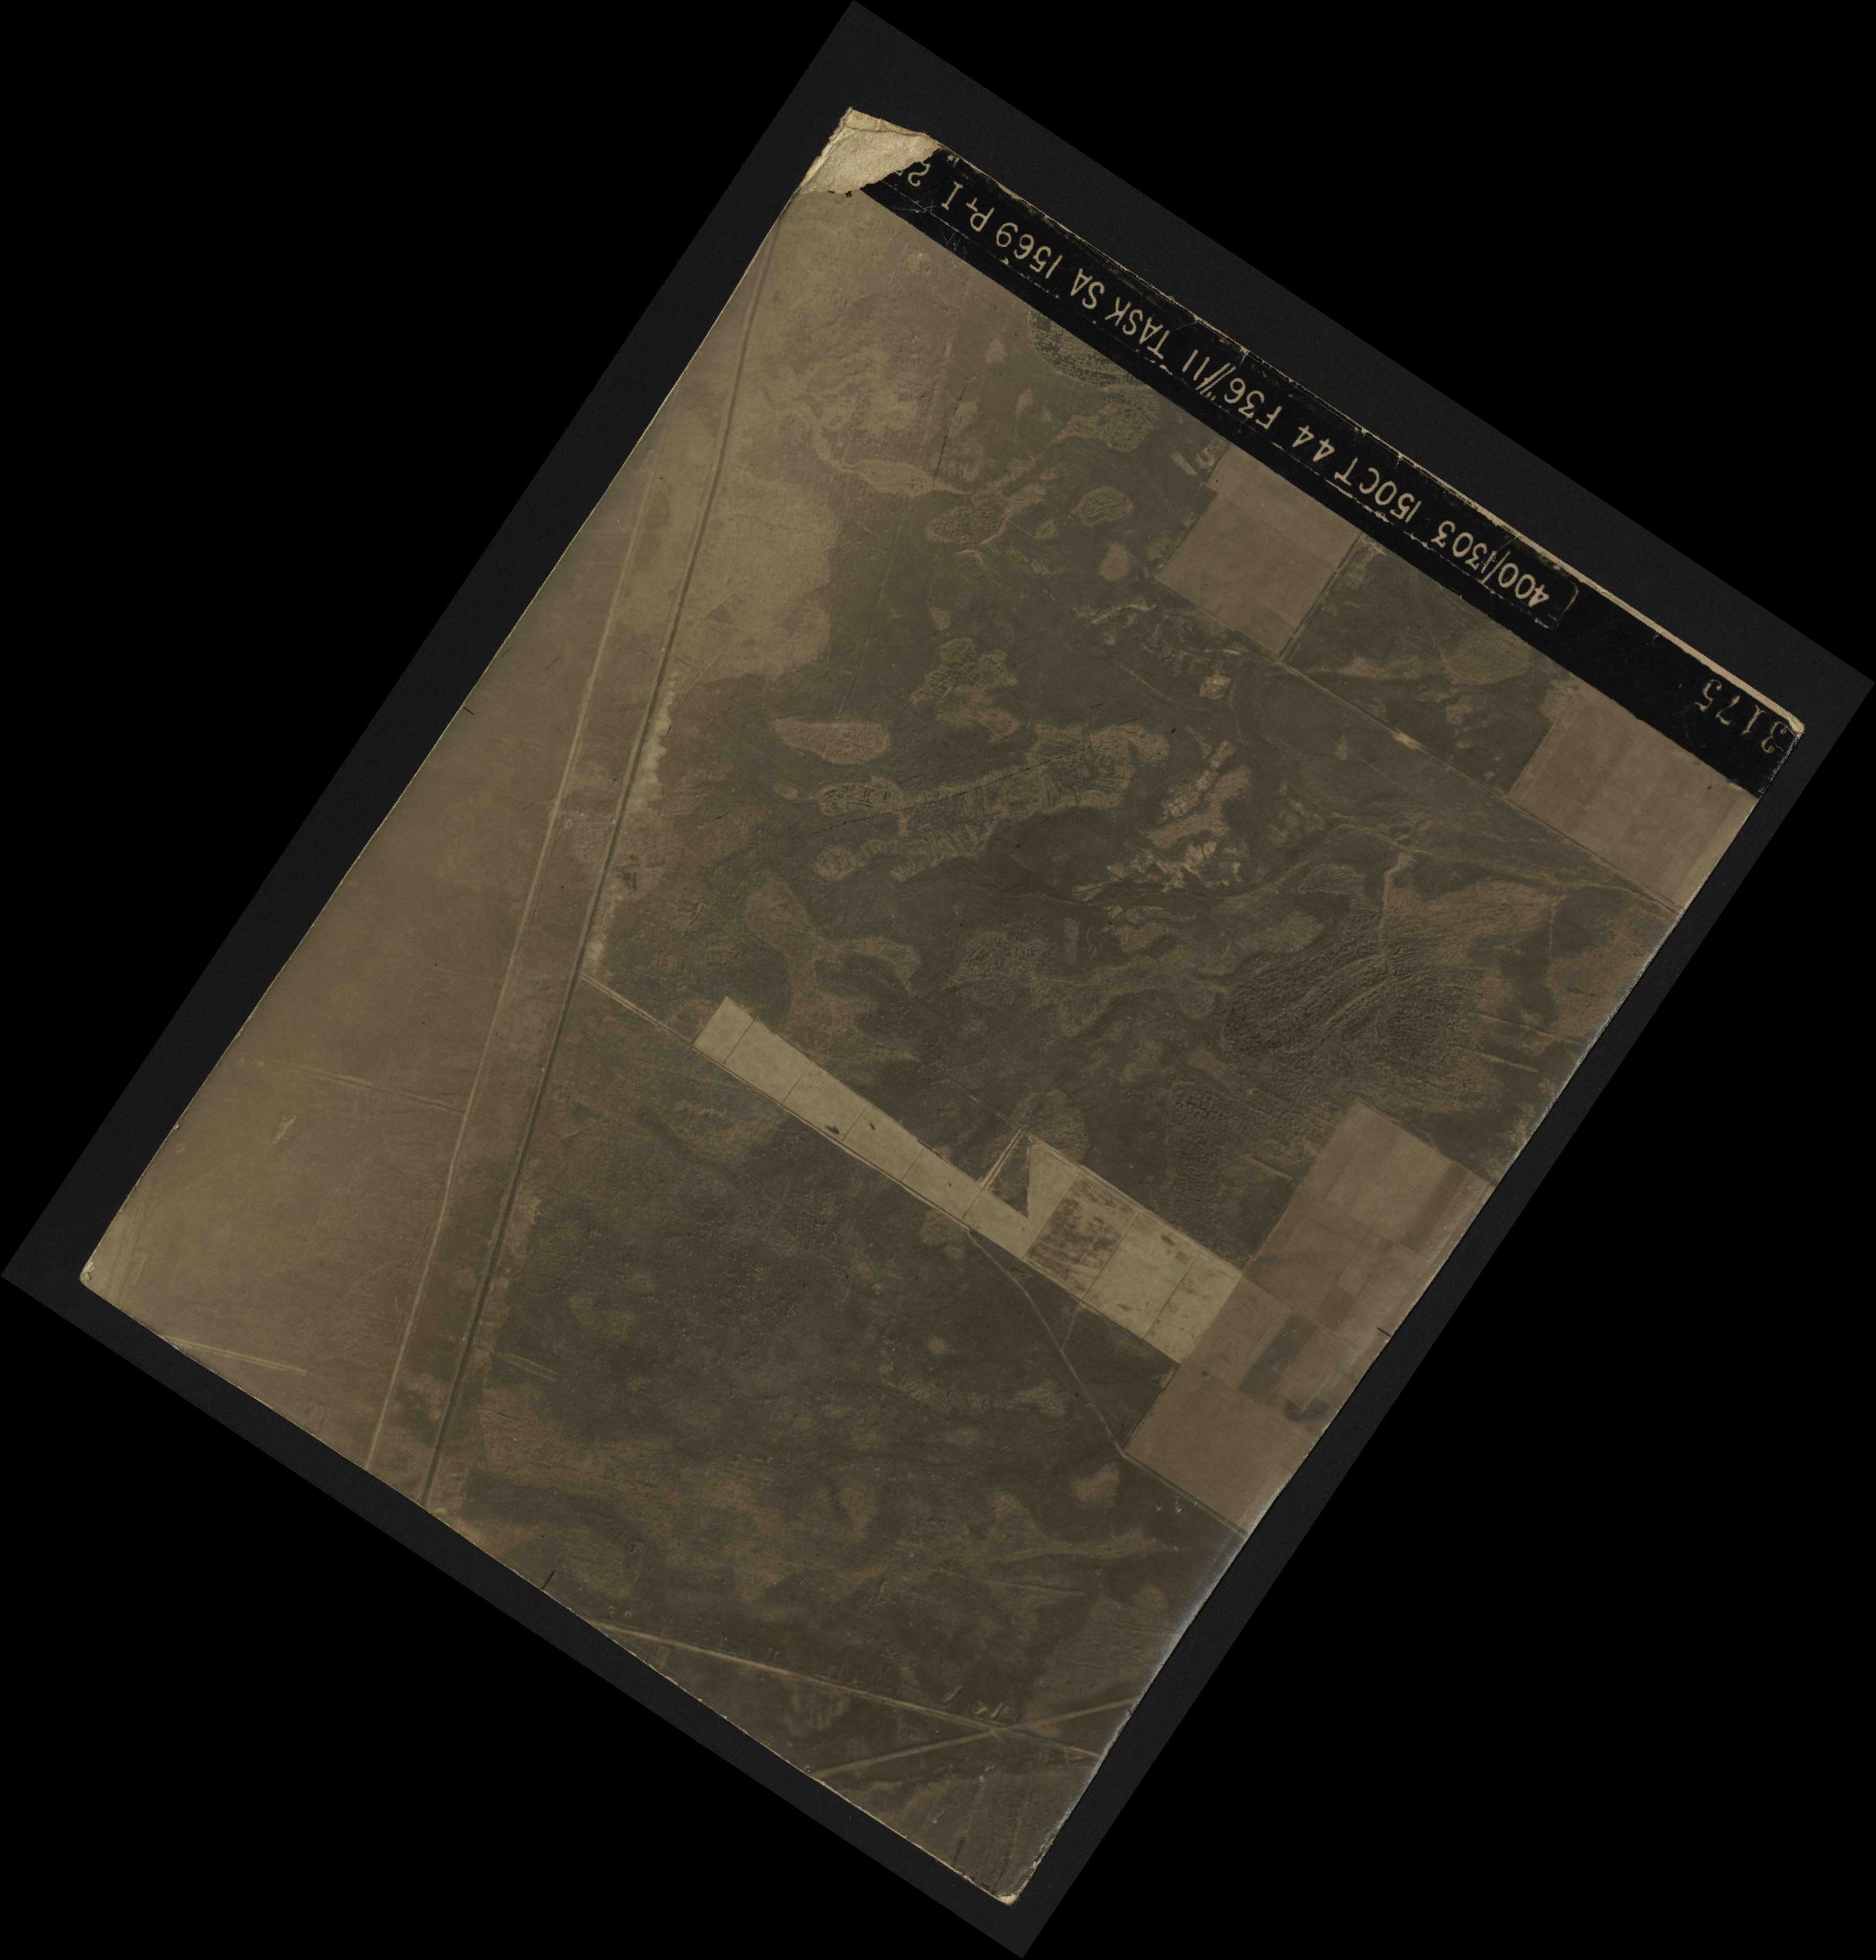 Collection RAF aerial photos 1940-1945 - flight 178, run 23, photo 3175